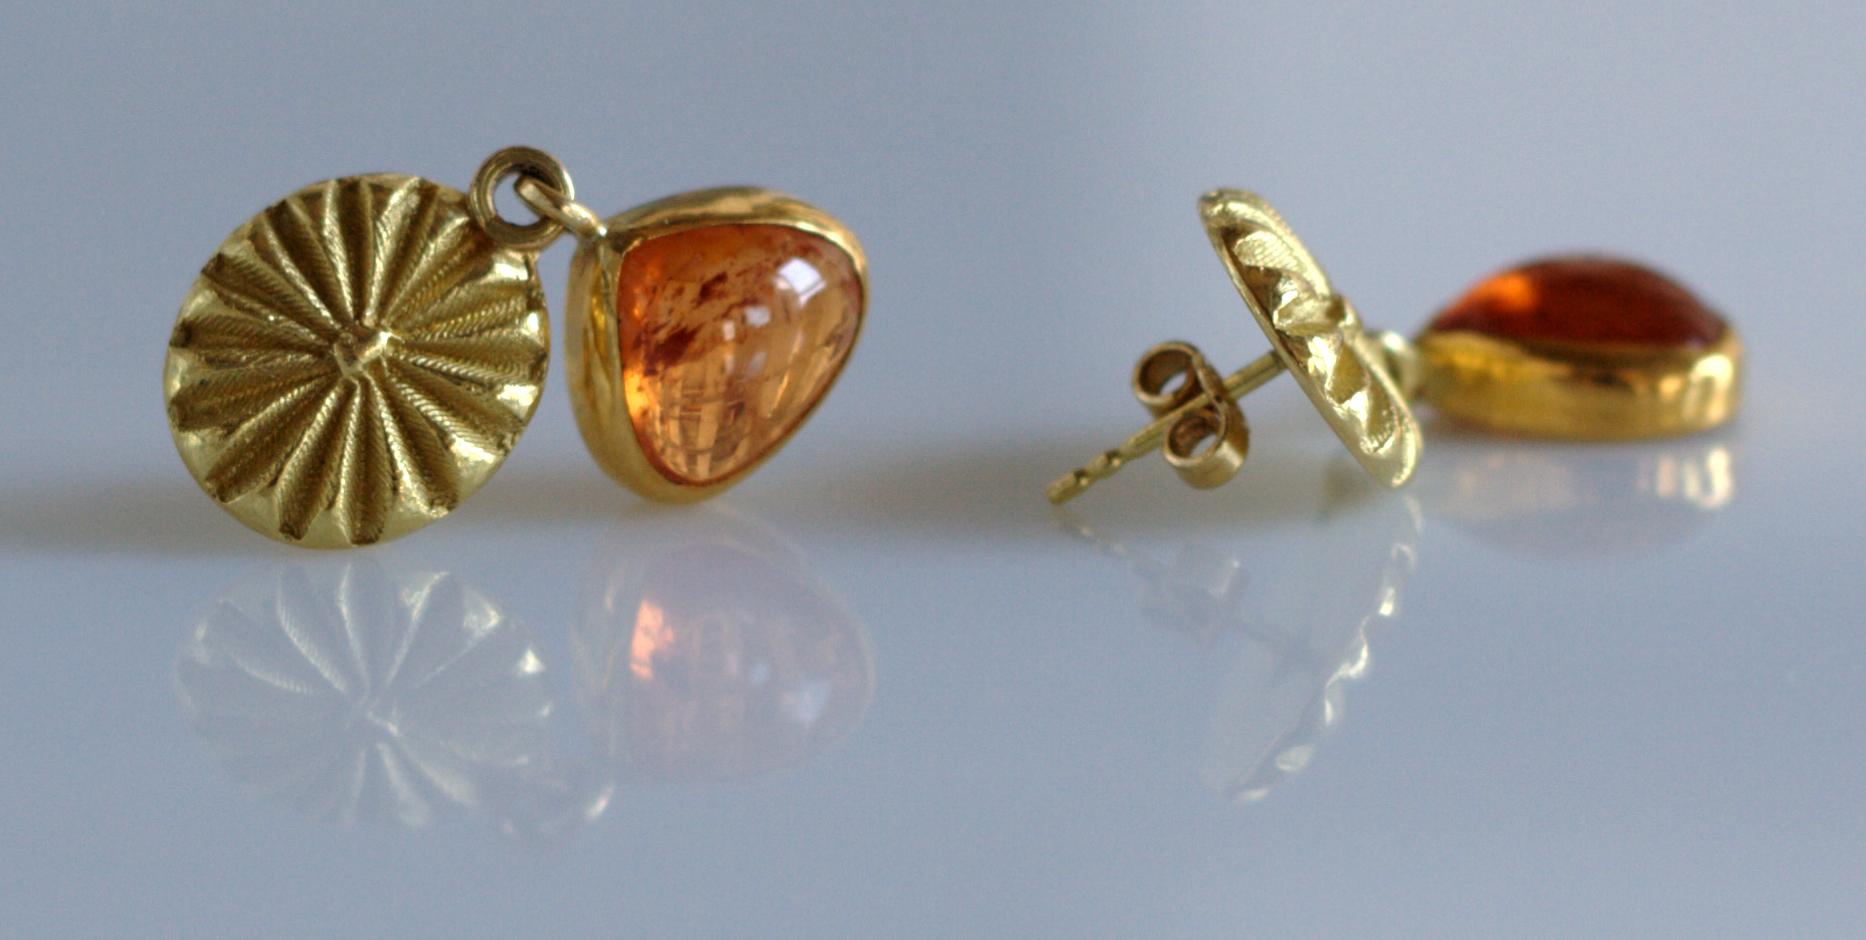 Øreanhæng i guld og mandarin granat, af Friederike Rohse